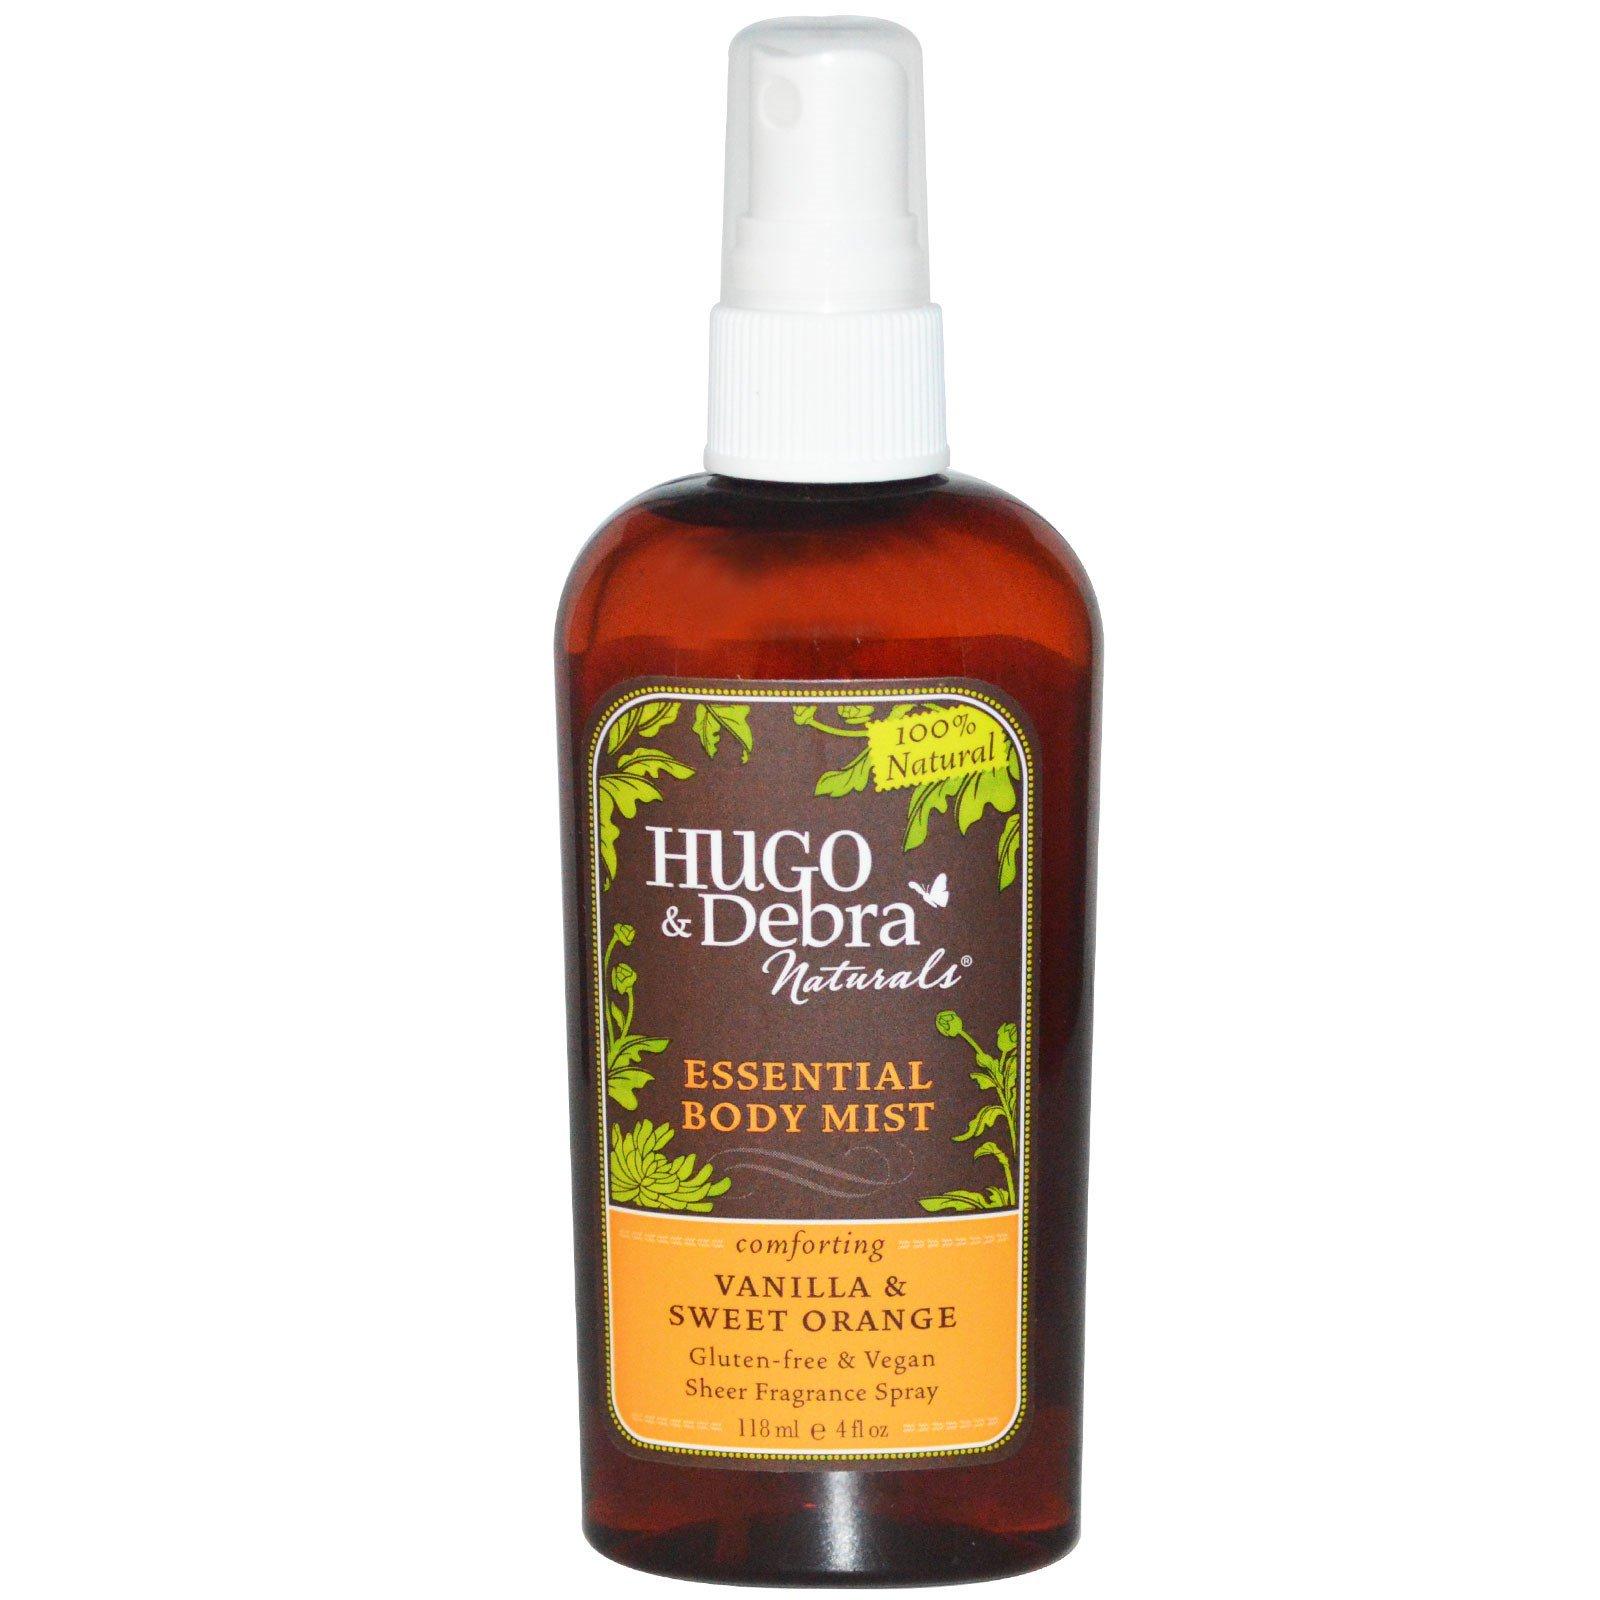 Hugo Naturals, Эфирное сияние тела, ваниль и сладкий апельсин, 118 мл (4 жидких унций)